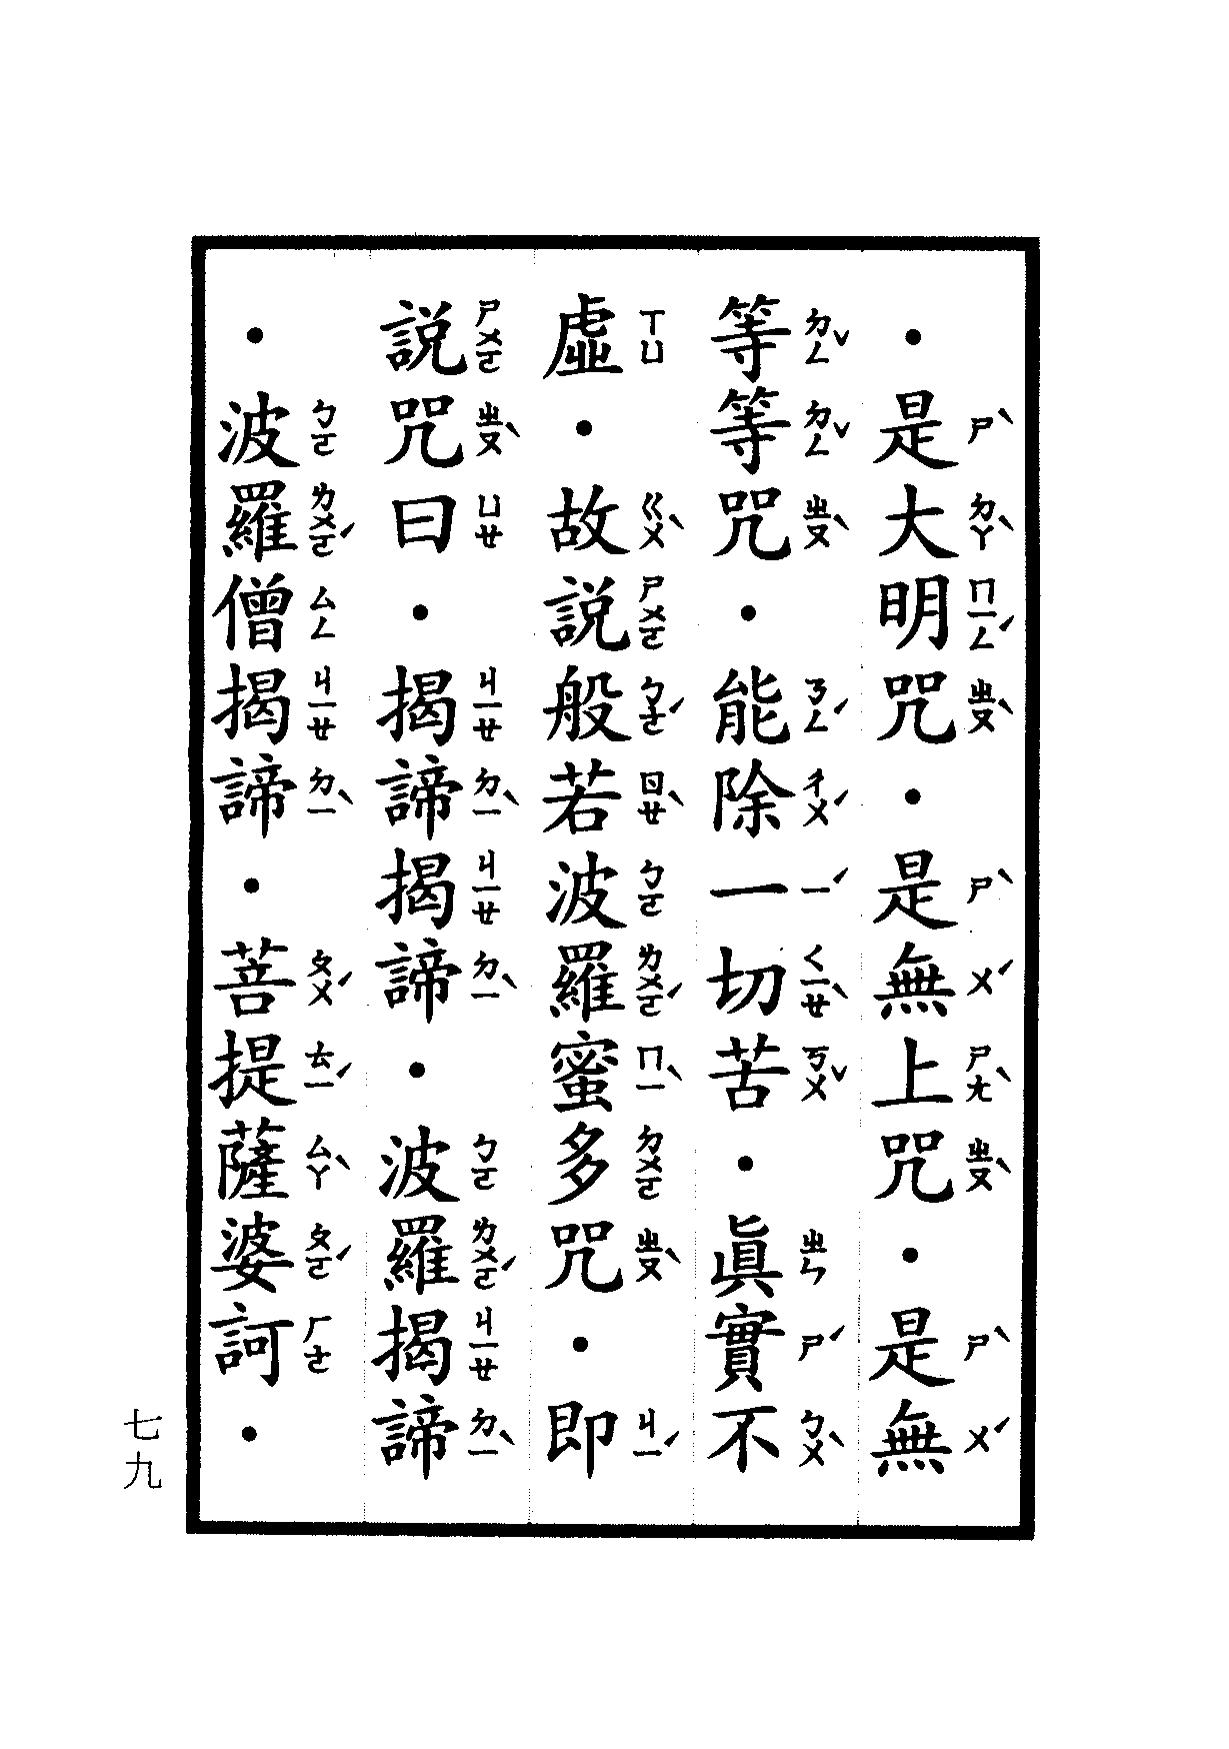 楞嚴咒-大悲咒-十小咒-易背本 85.png